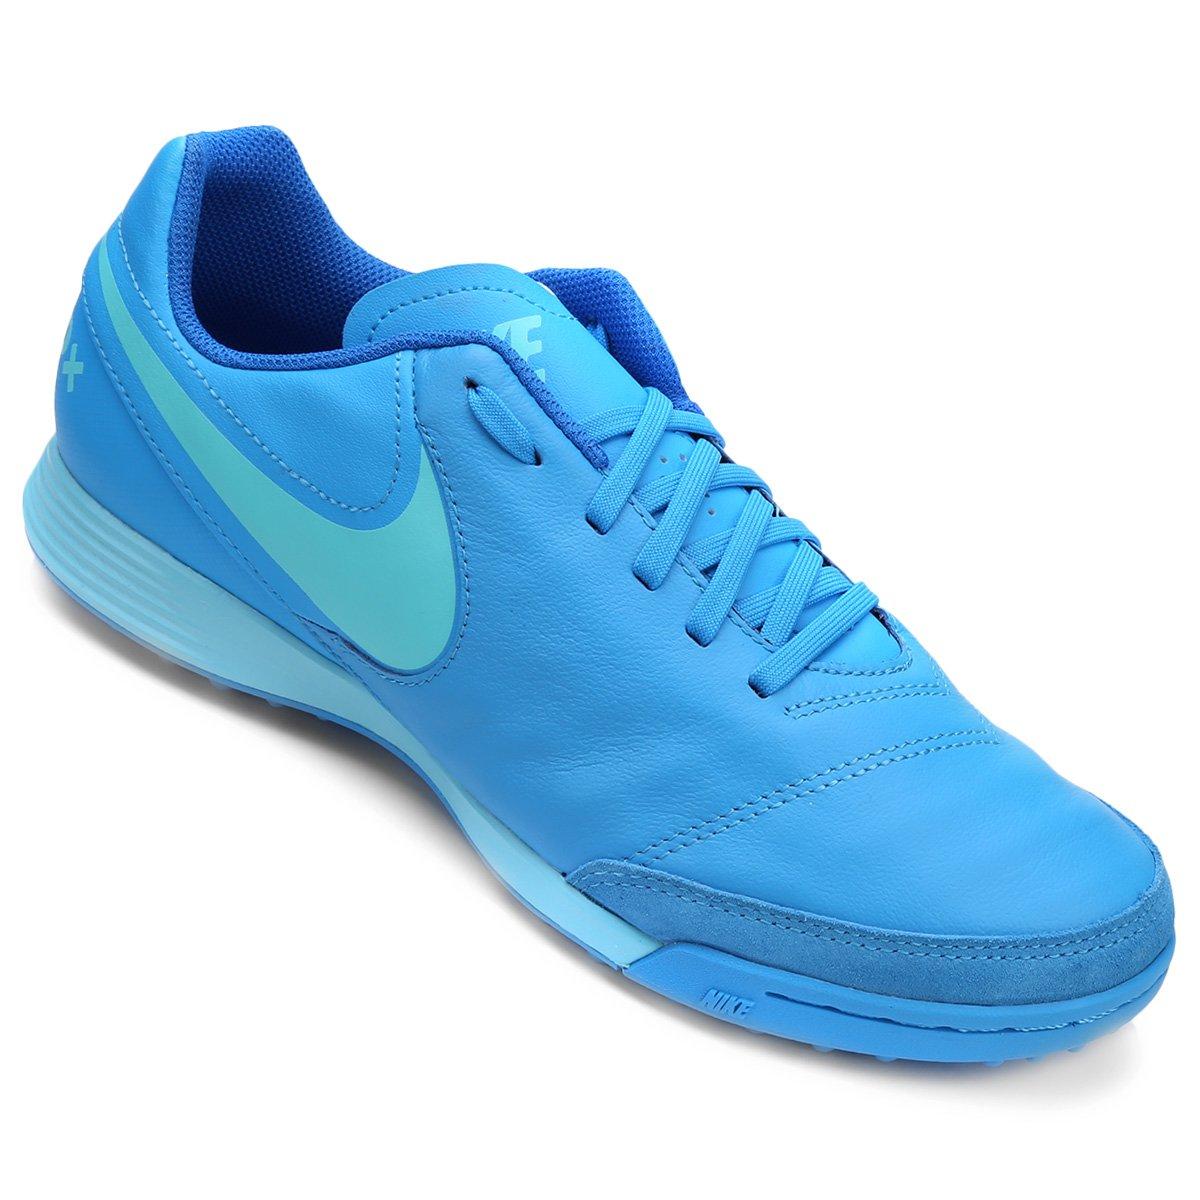 2f622315b9 ... new zealand chuteira society nike tiempo genio 2 leather tf masculina  azul piscina 22e1a 7e804